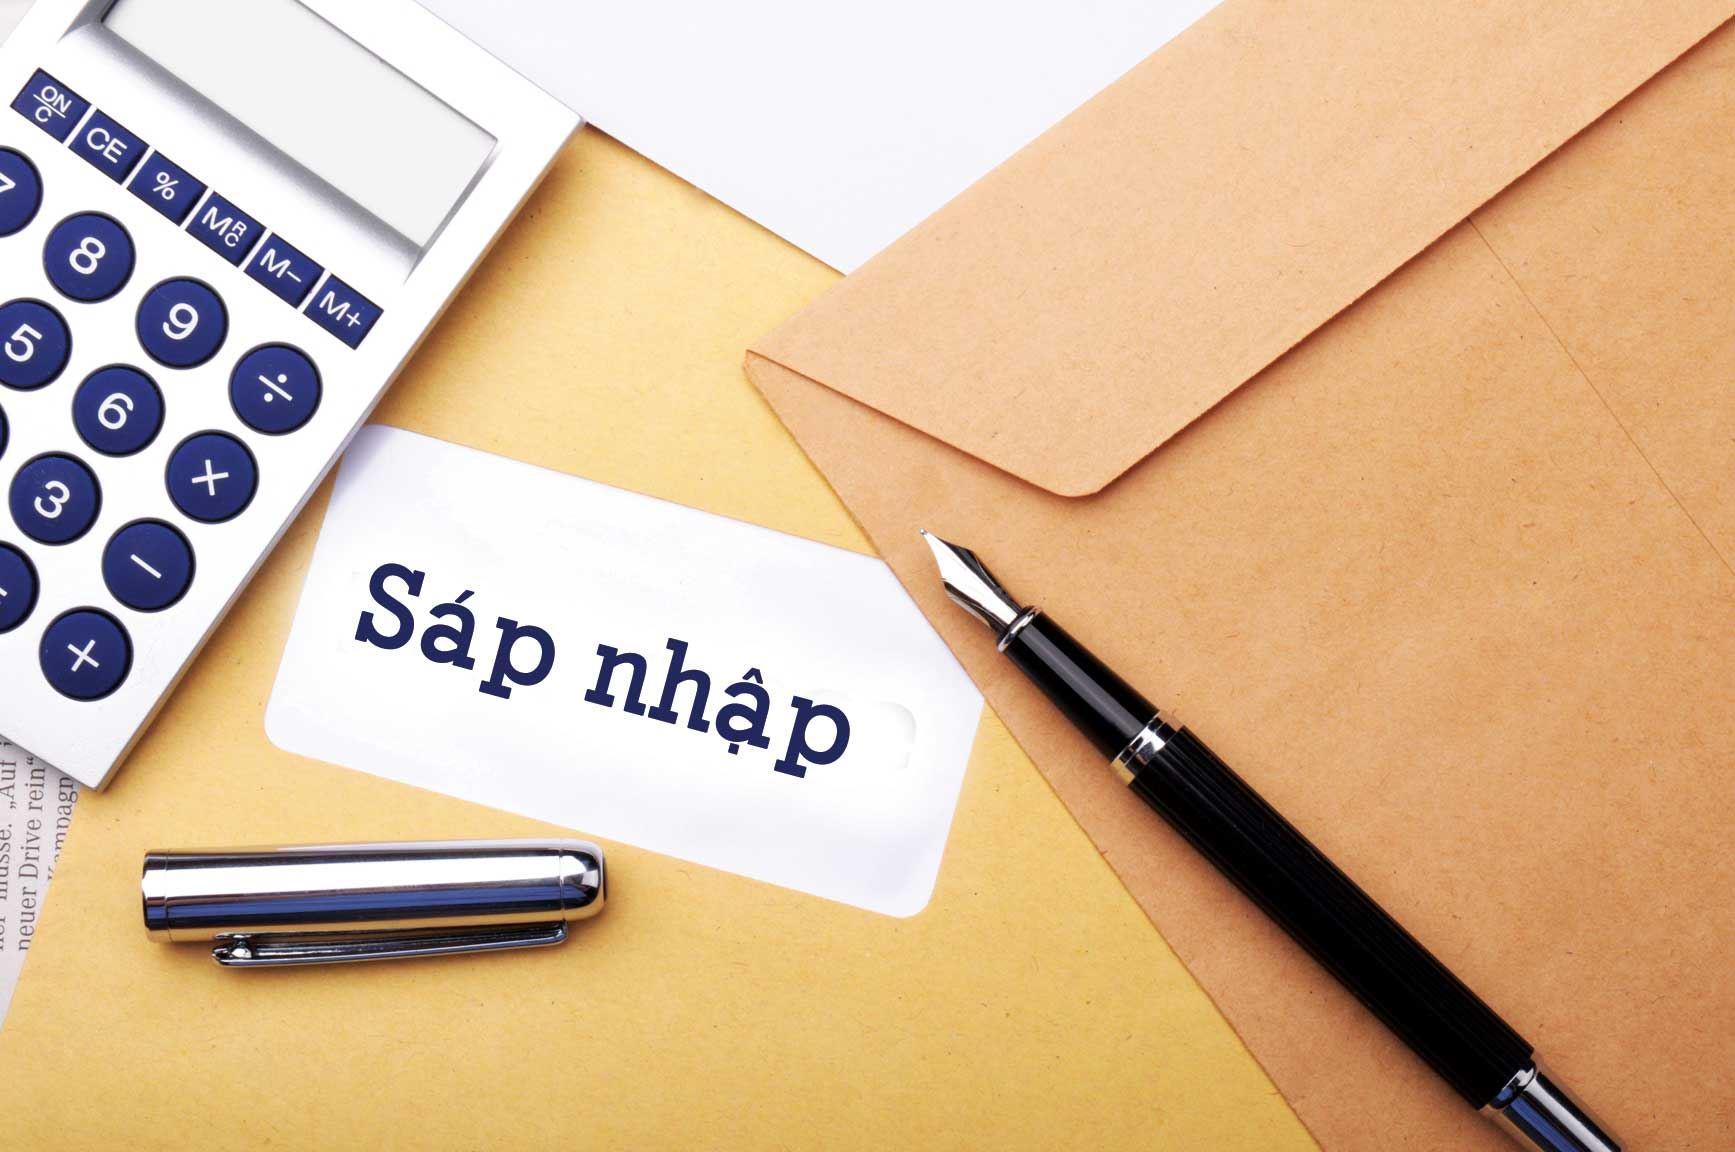 Doanh nghiệp có phải quyết toán thuế khi sáp nhập doanh nghiệp không?